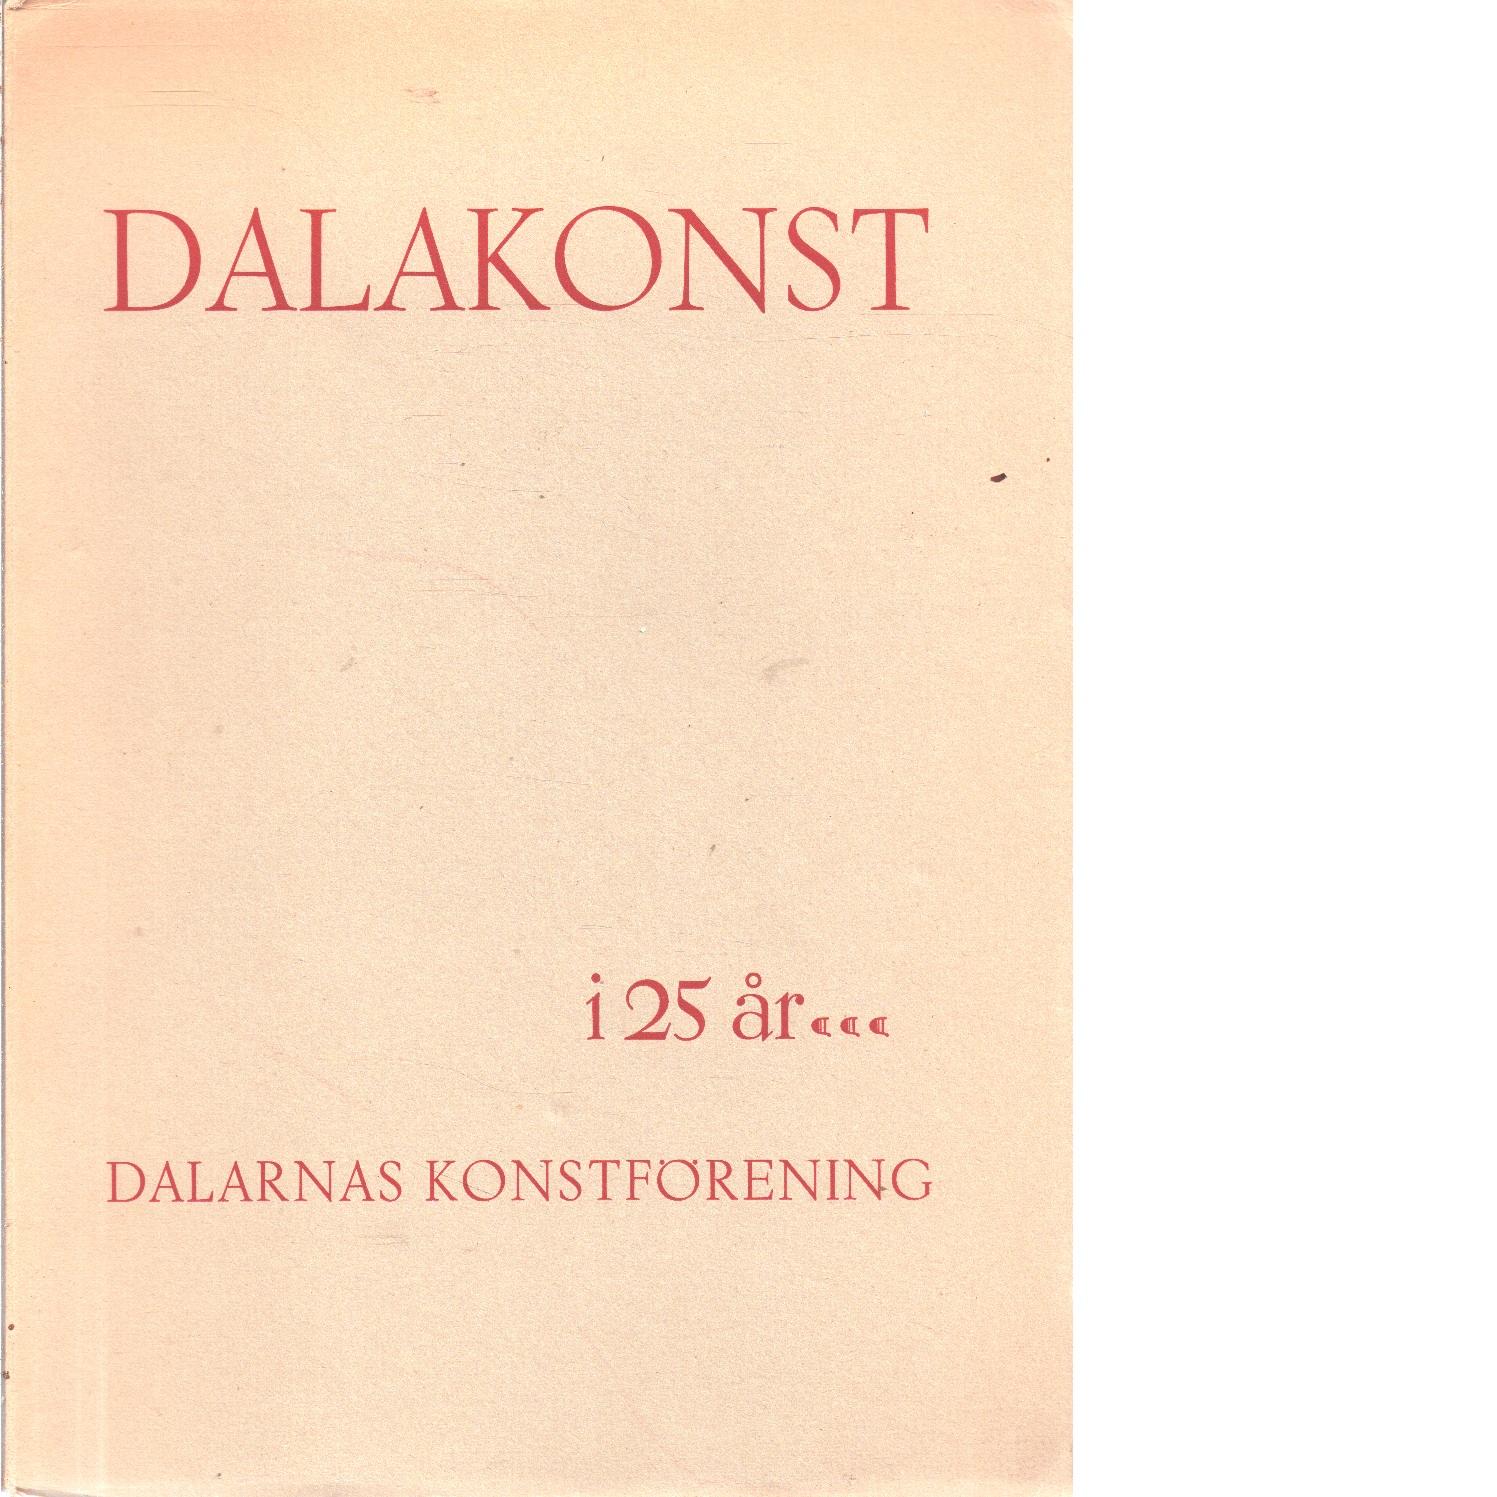 Dalakonst i 25 år - Dalarnas konstförening